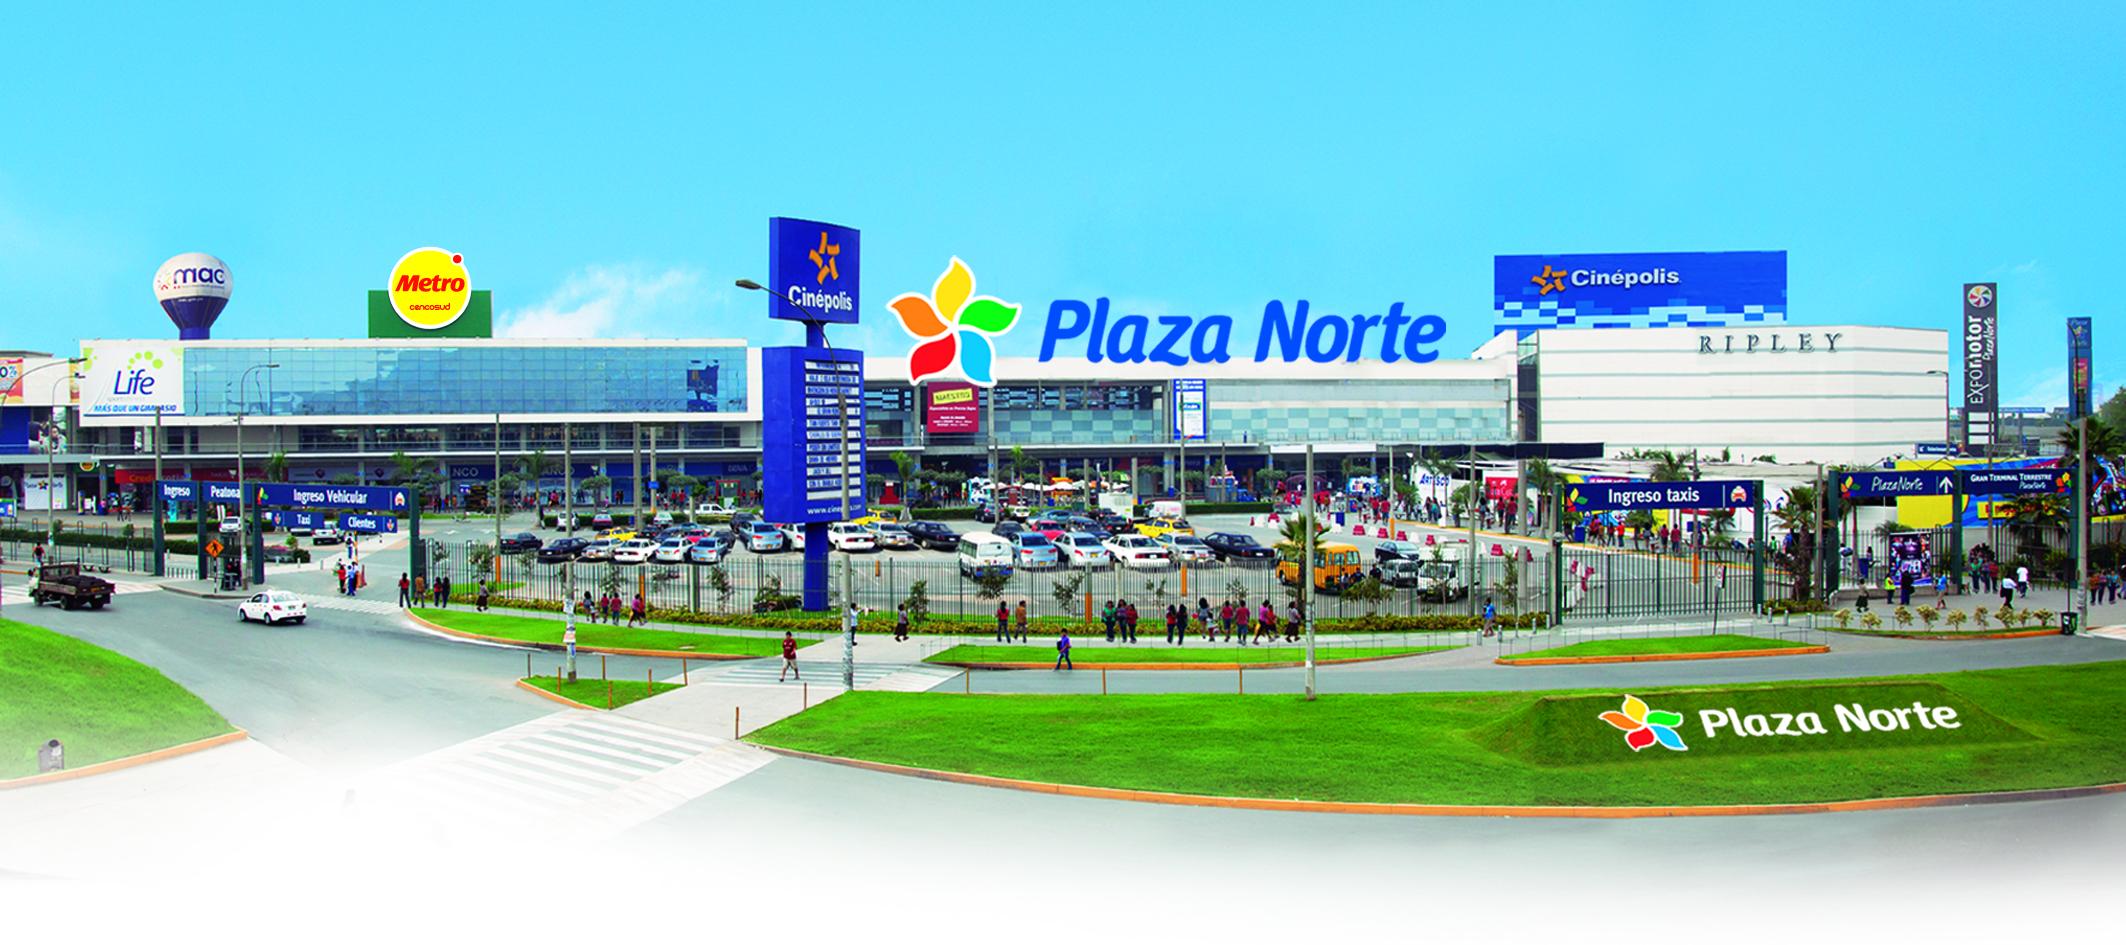 Fachada PLN 18 x 8 1 - ¿Qué centros comerciales puedes visitar en Lima?